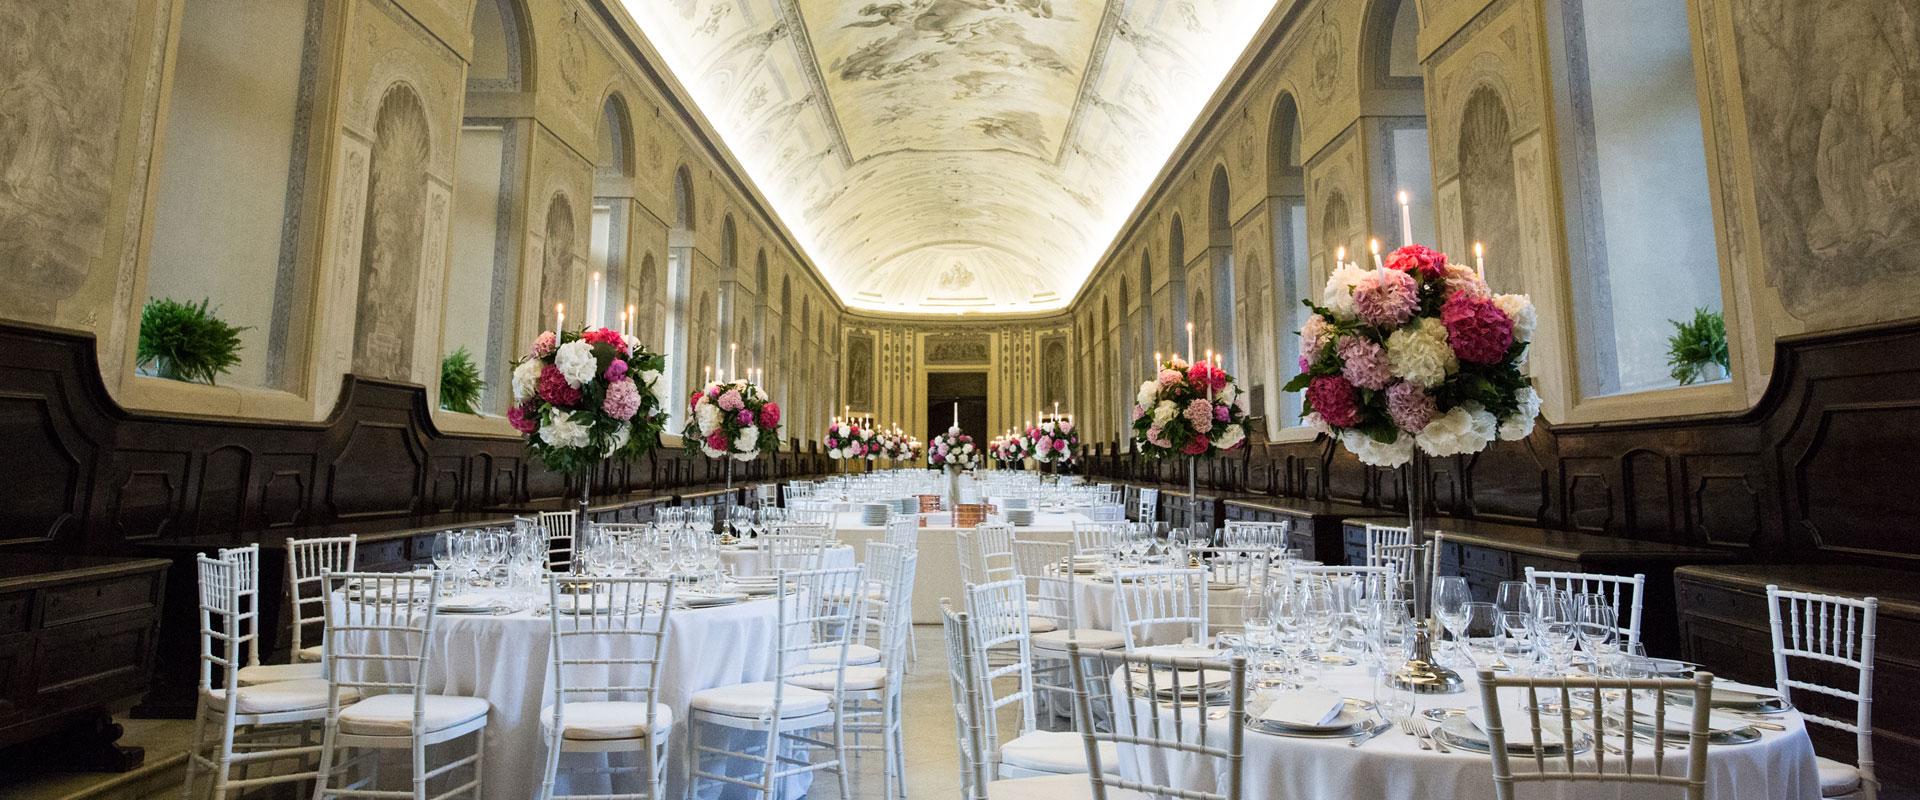 Matrimonio - Sposarsi a Santa Chiara